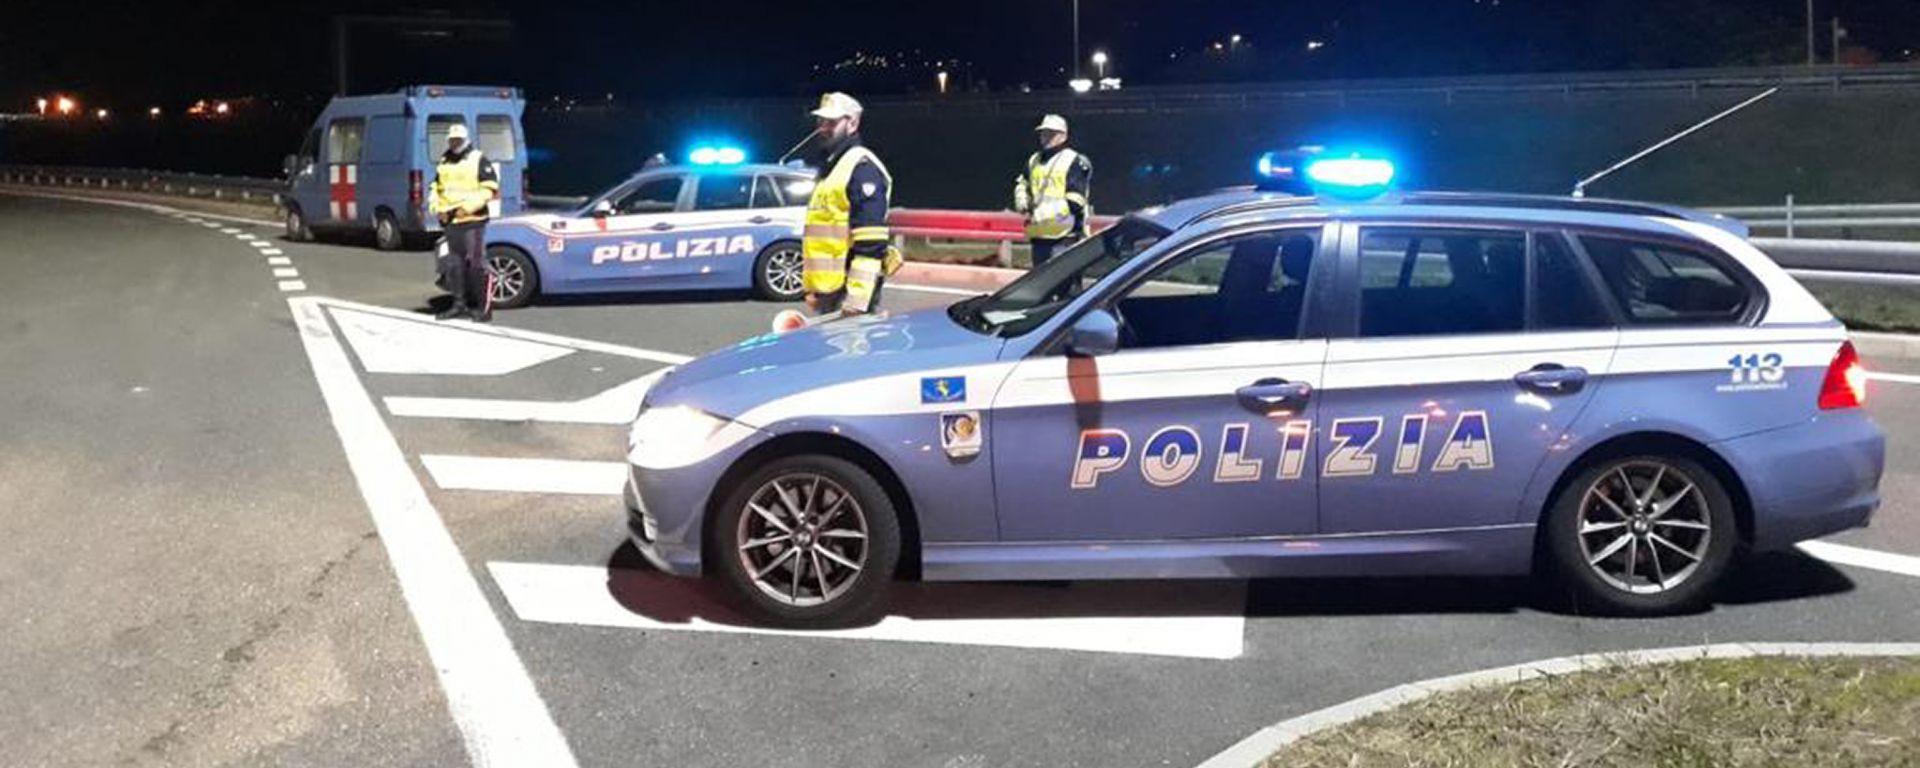 Una postazione di controllo della Polizia Stradale - Courtesy: Polizia di Stato